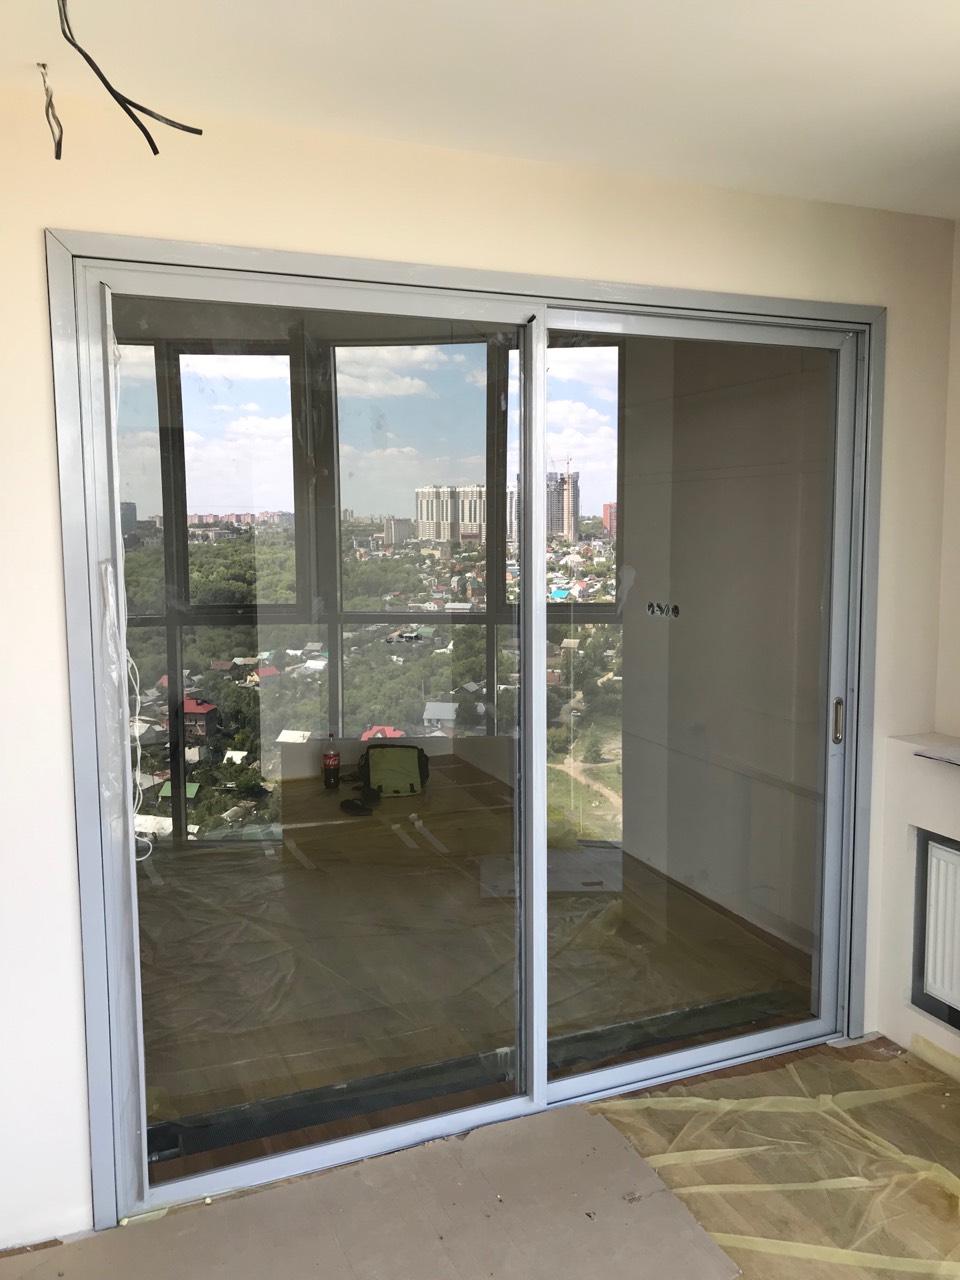 Завершены работы по монтажу алюминиевых конструкций в жилую квартиру